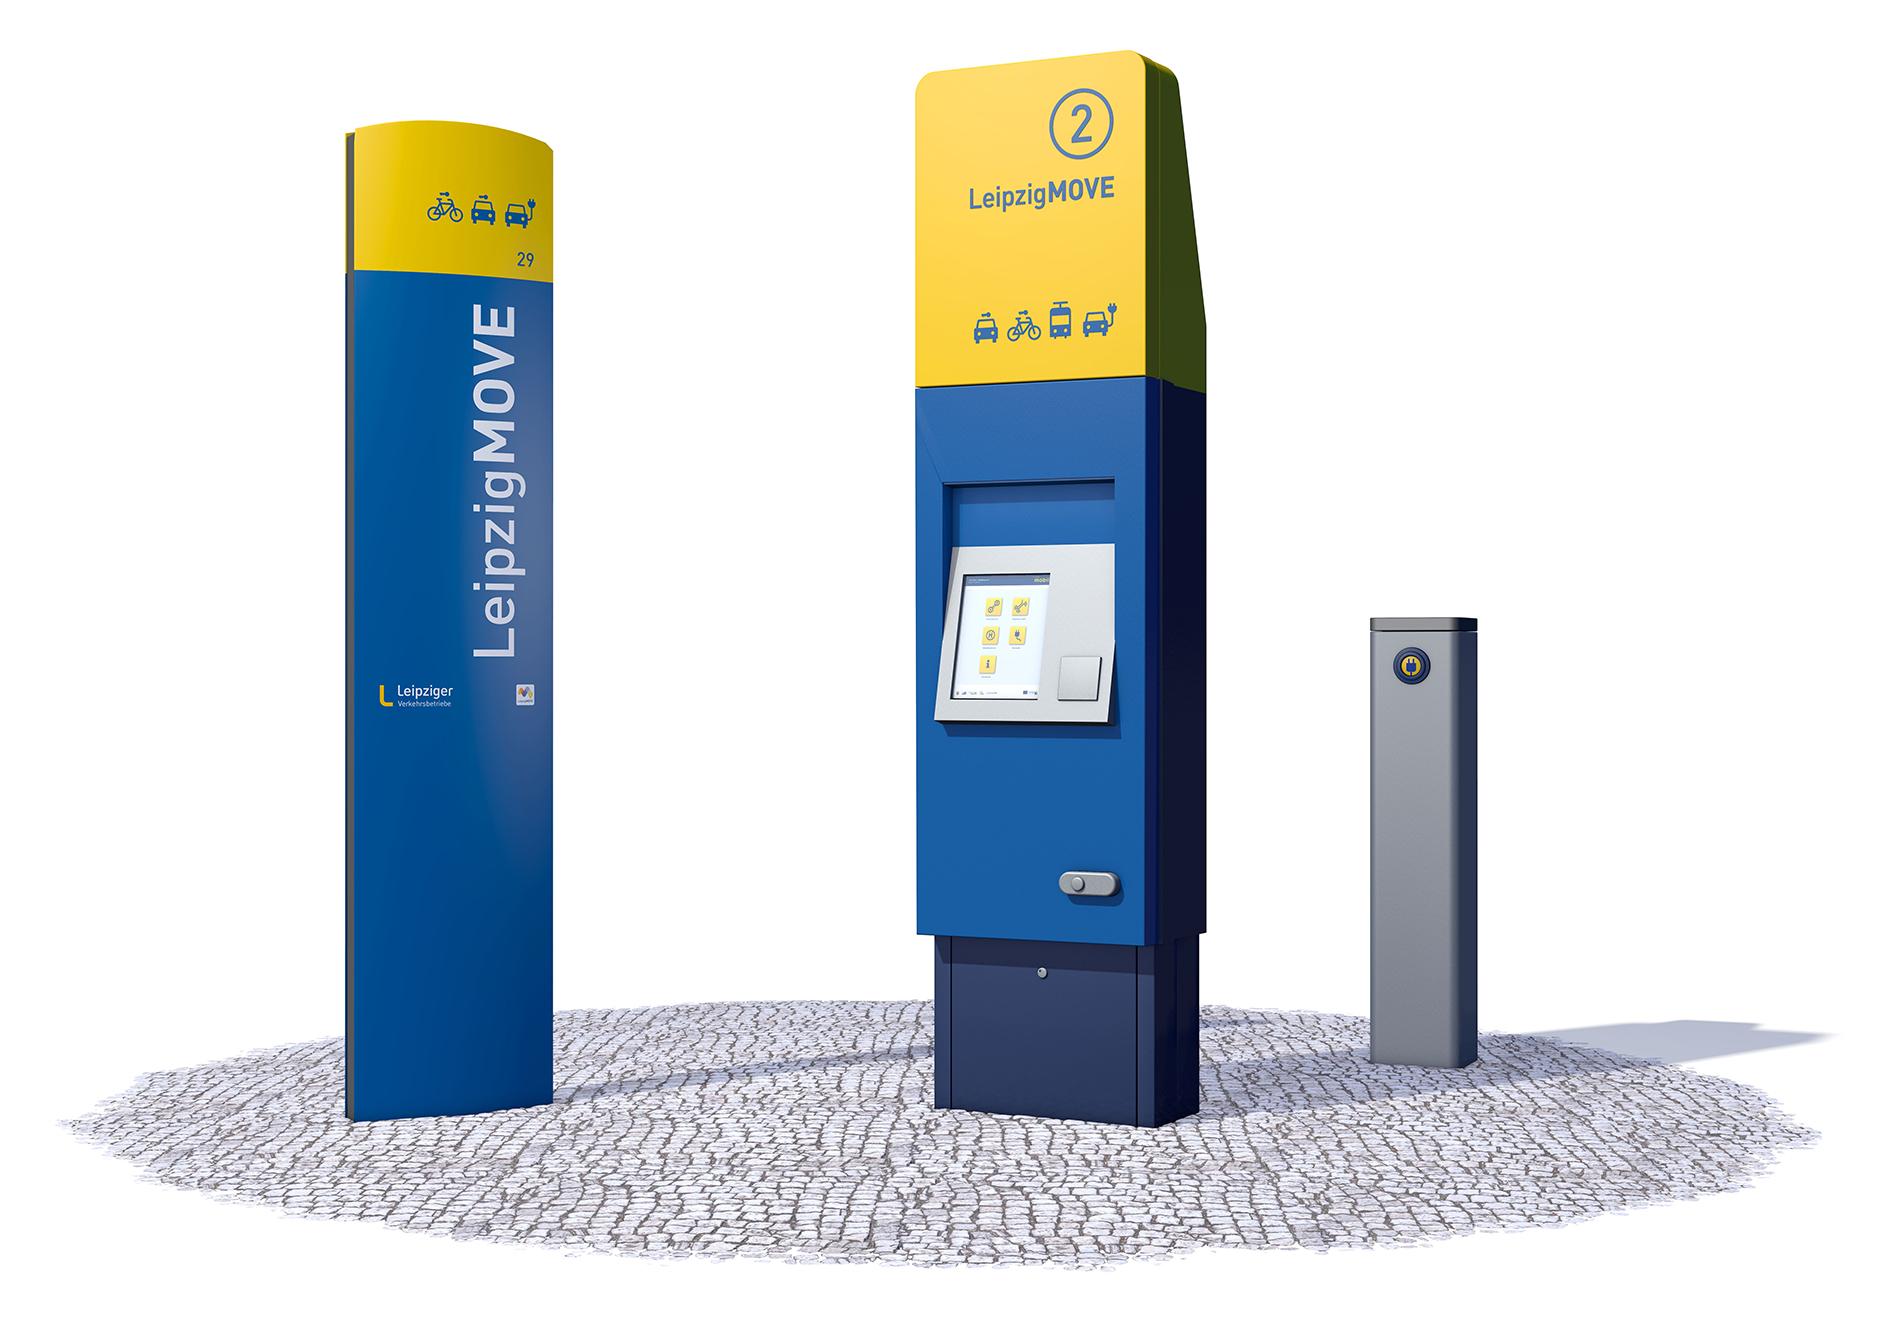 Mobilitaetsstationen-LeipzigMove-gross-und-klein.jpg